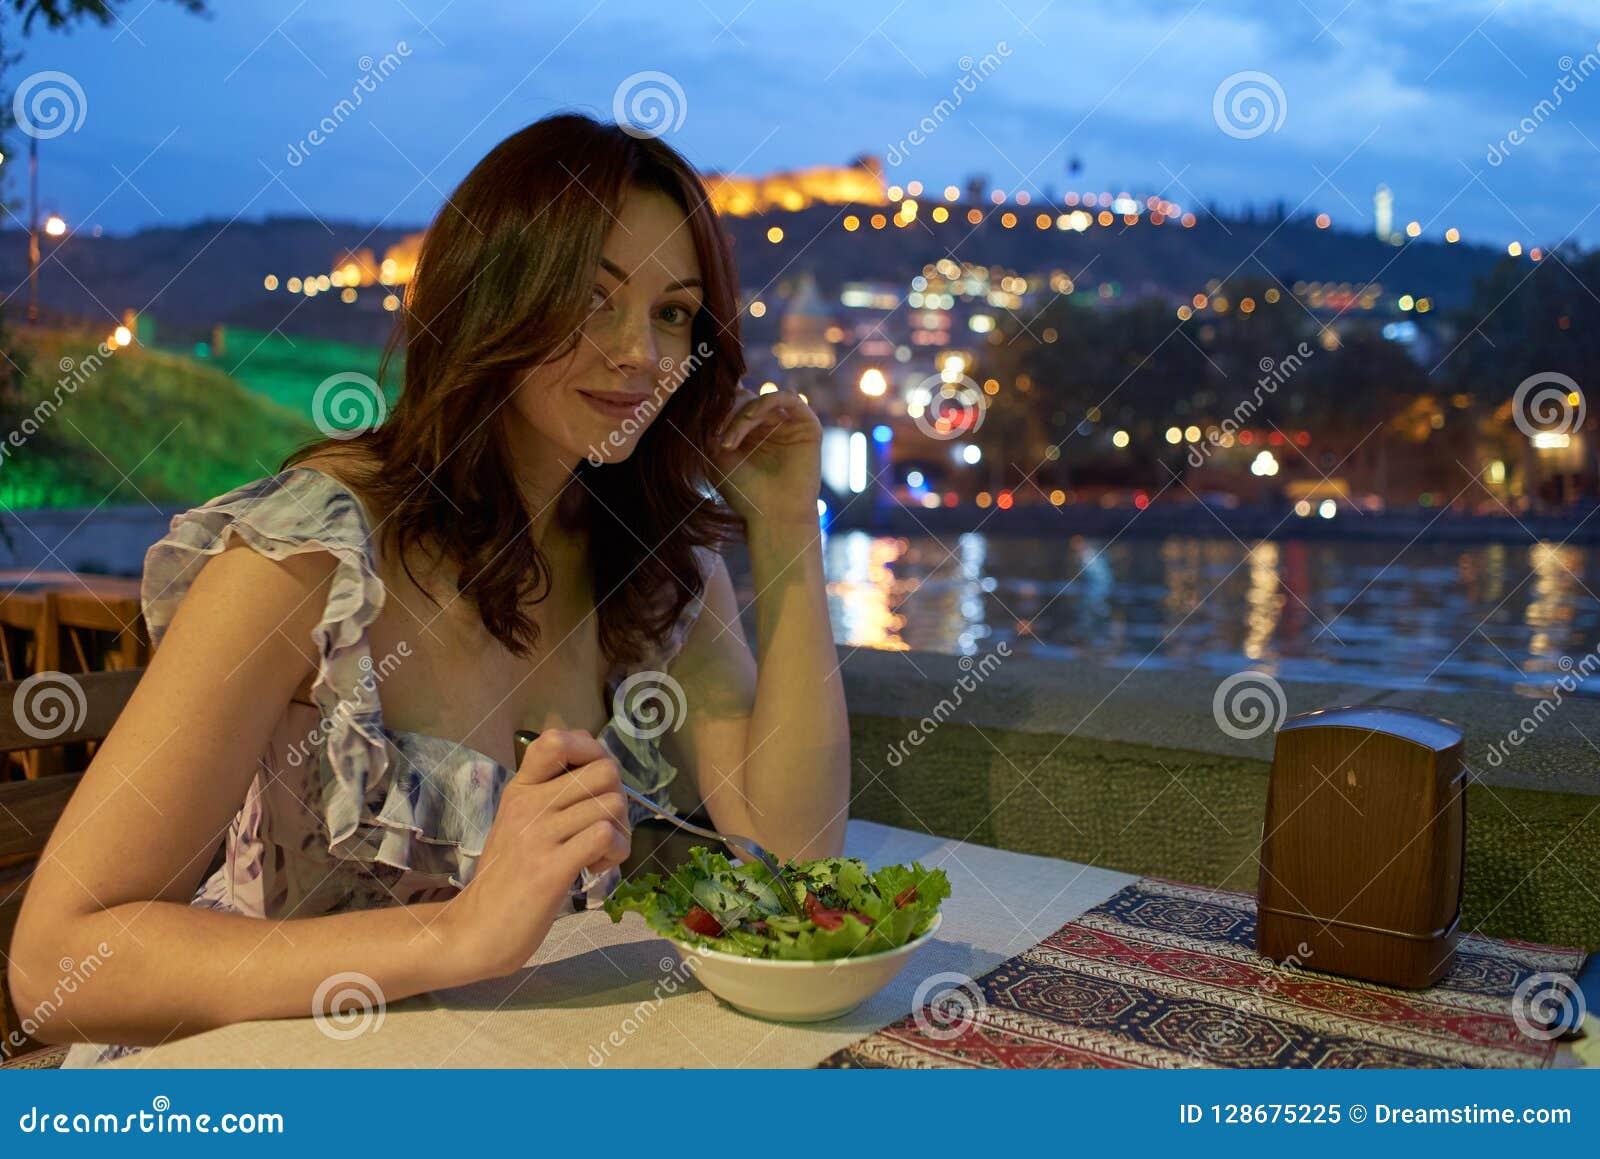 女孩,夜,在一个室外咖啡馆的晚餐